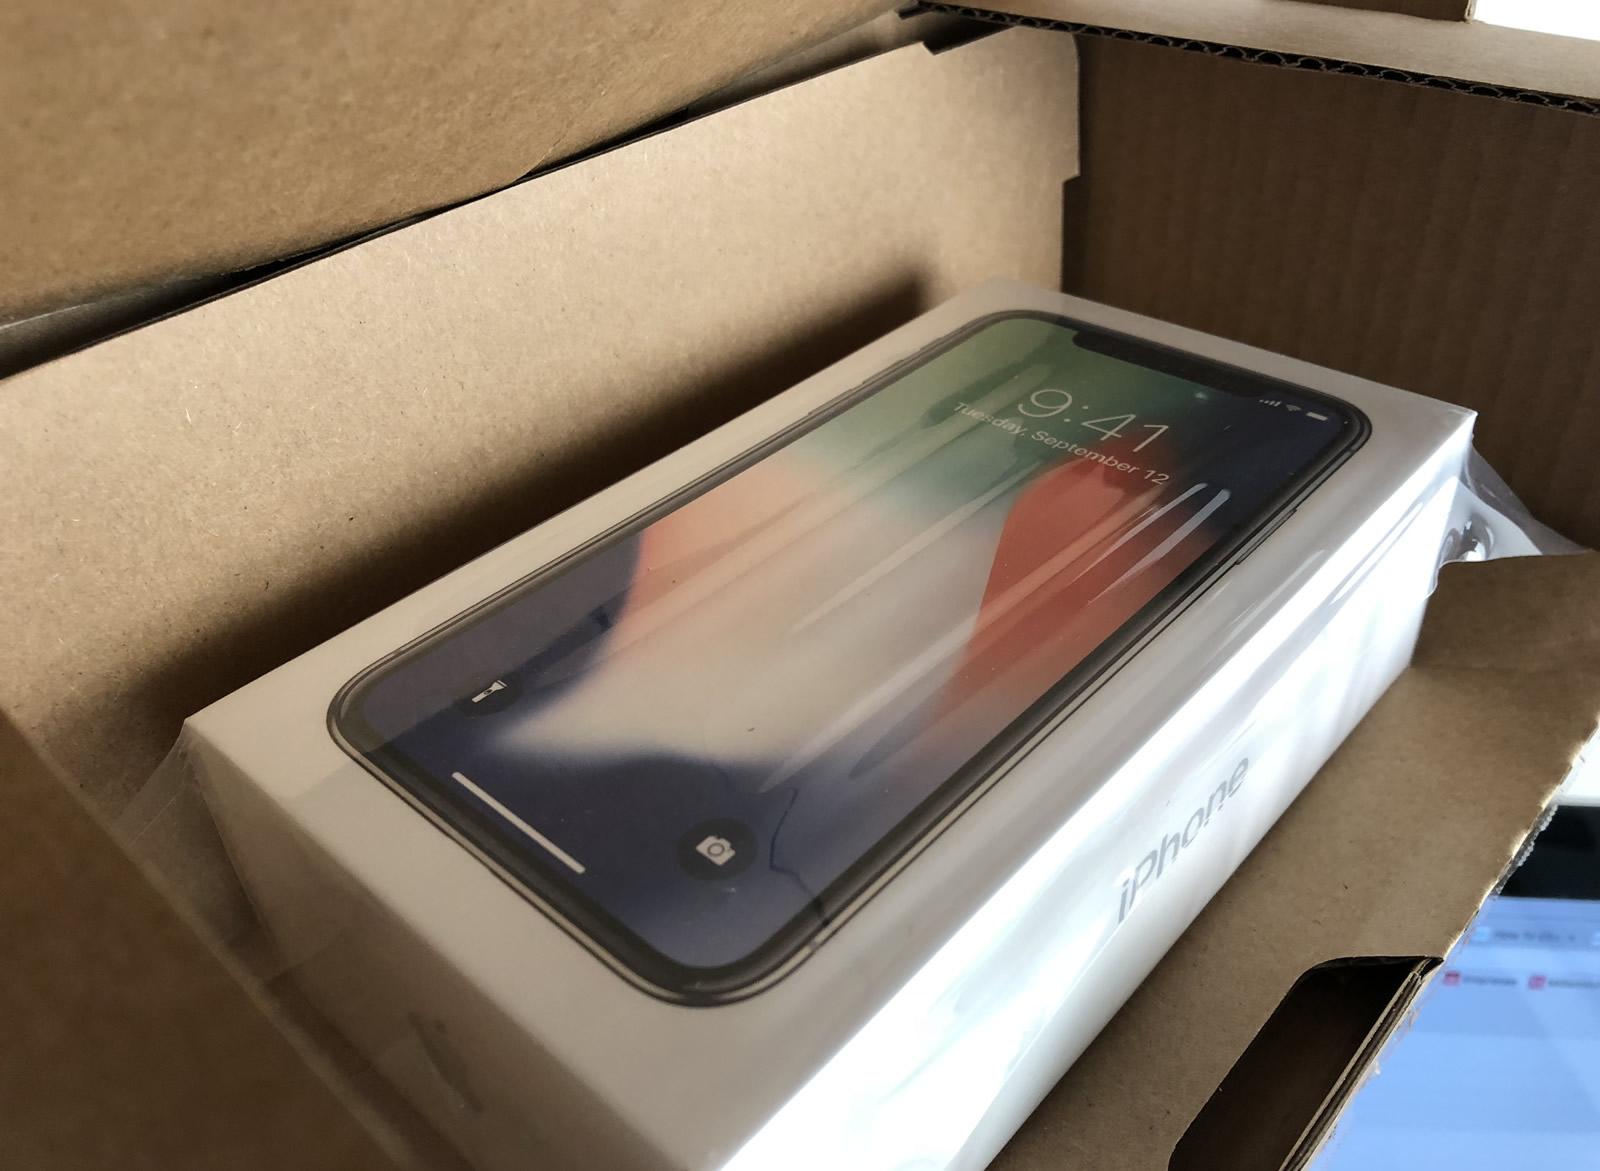 Apple confirma trabalho ilegal de adolescentes em fábrica de iPhone X